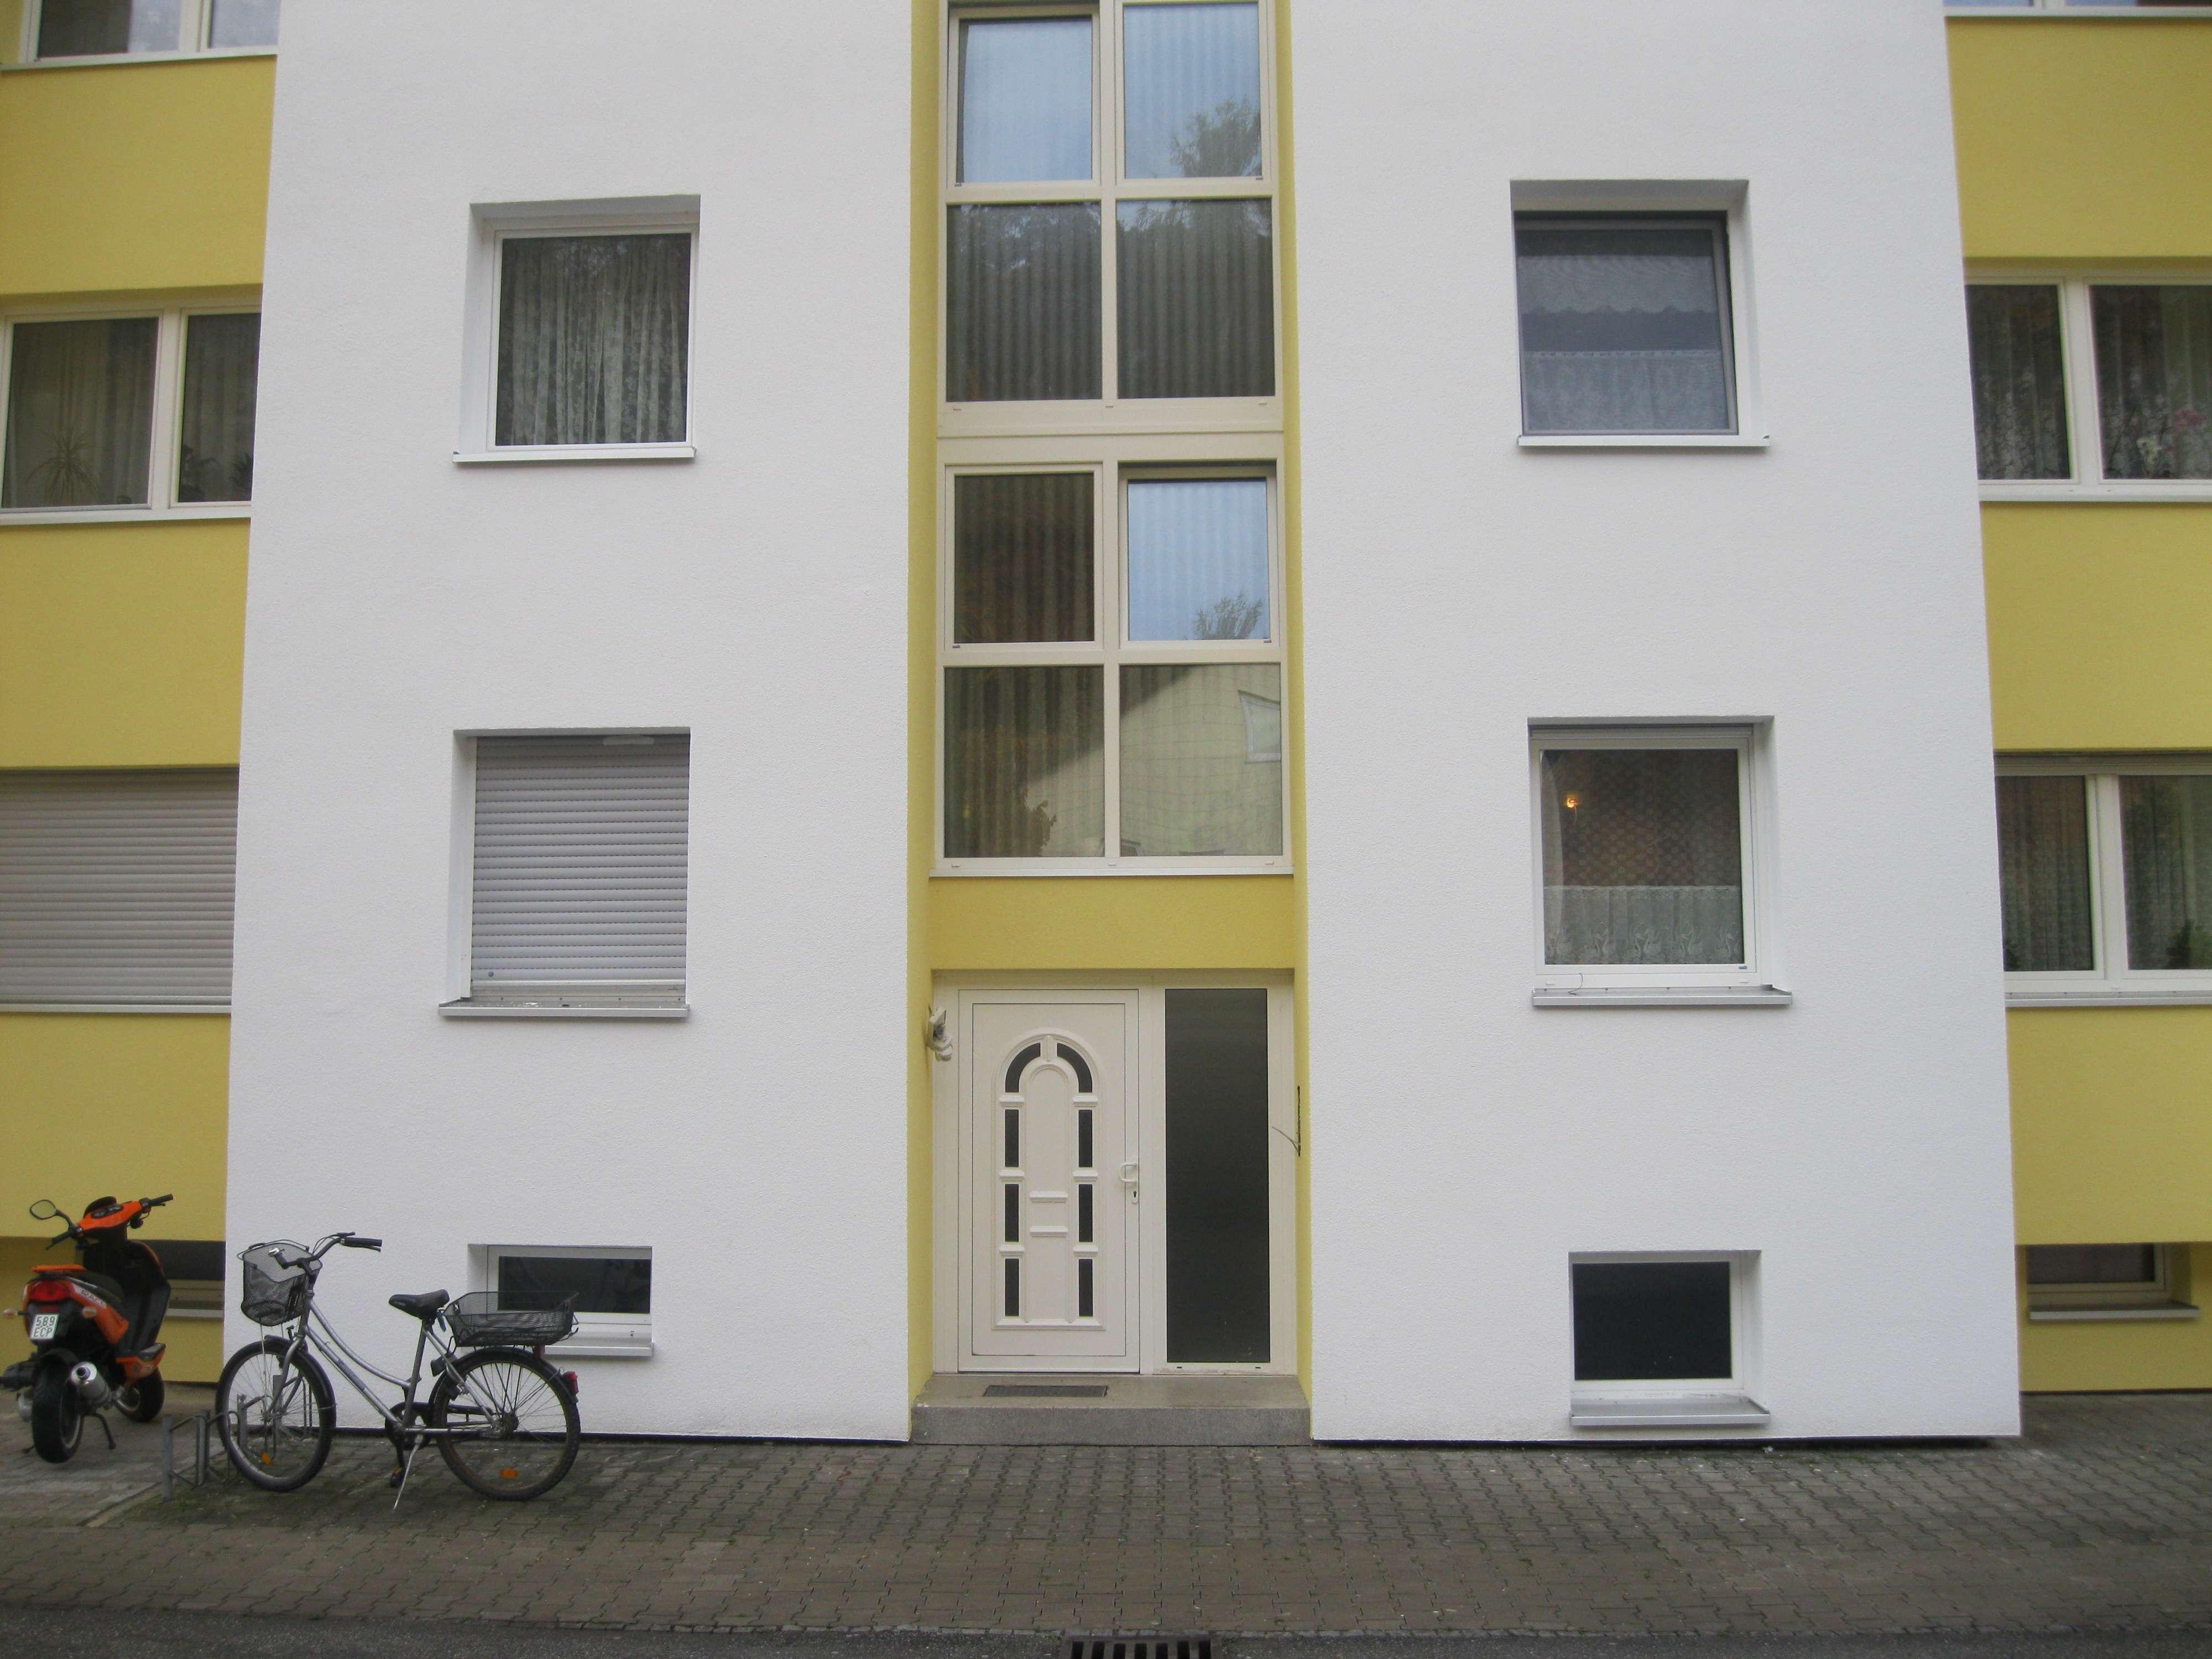 Vollständig renovierte 3,5-Zimmer-Wohnung mit Balkon in Altdorf in Altdorf (Landshut)